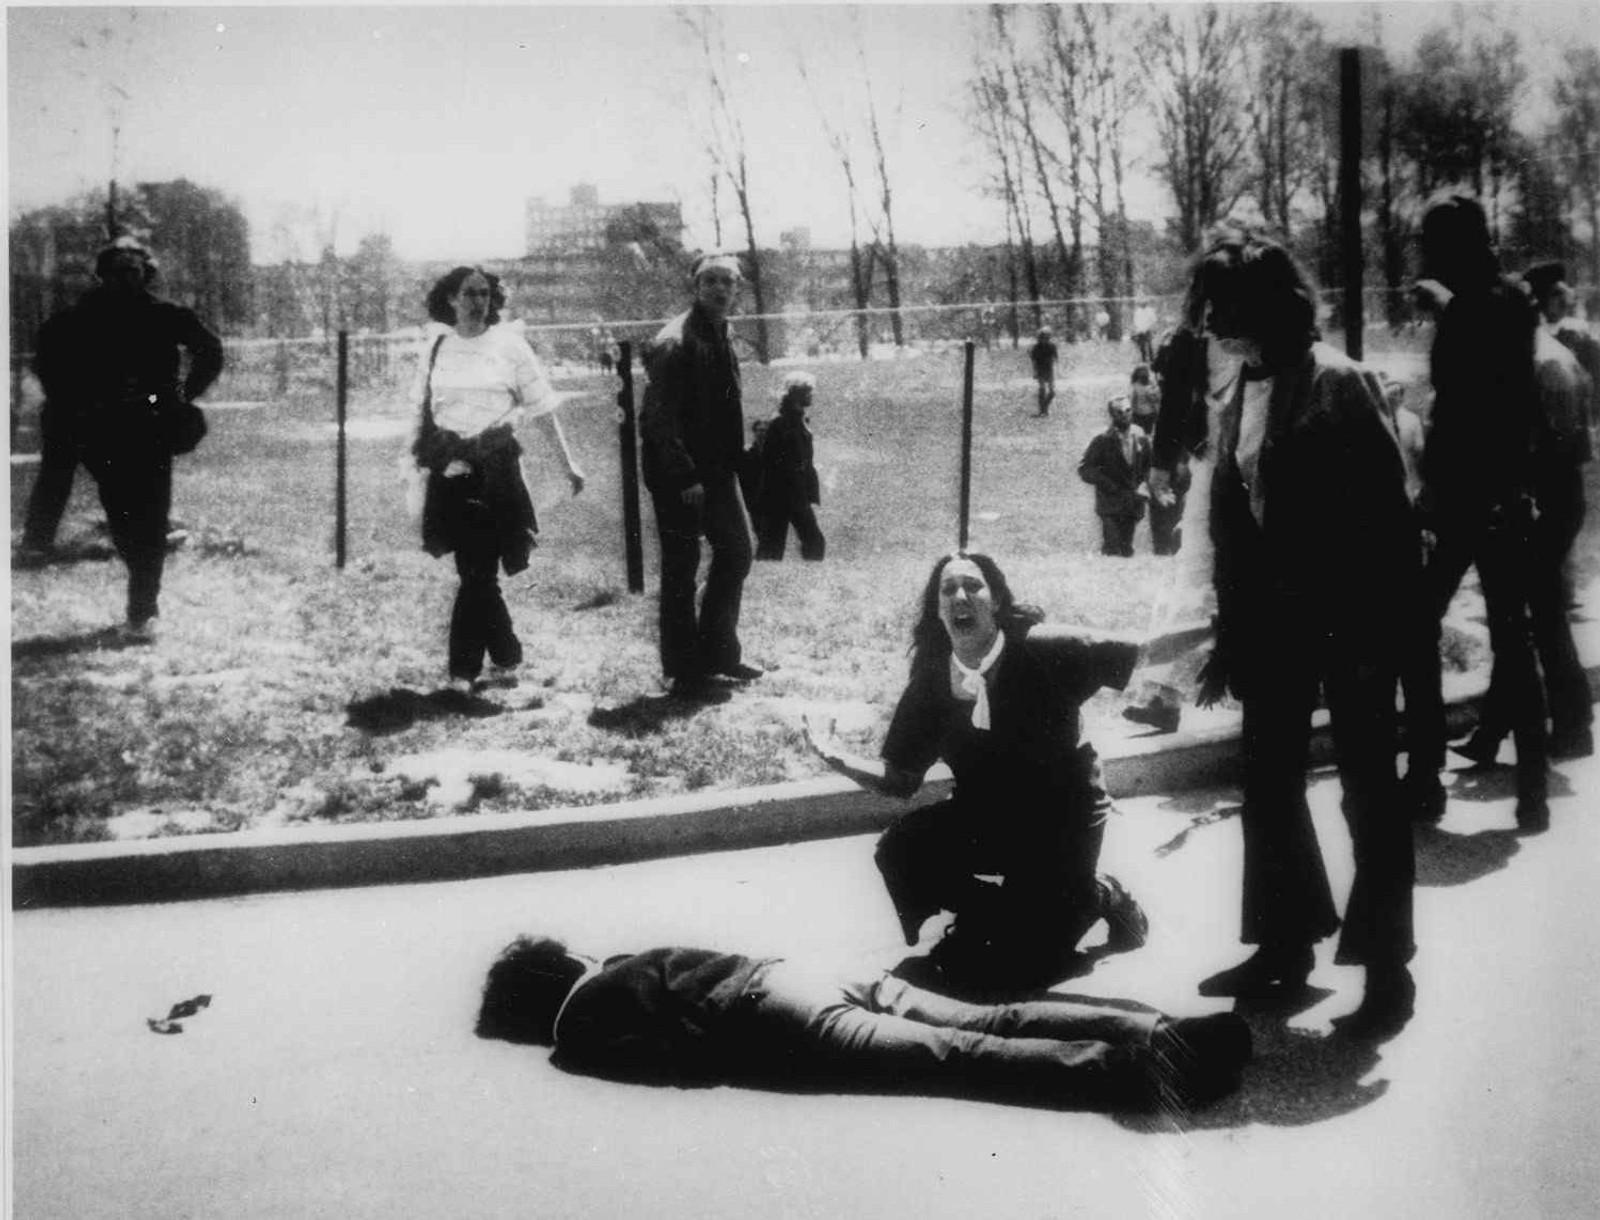 KENT STATE-DRAPET: Mary Ann Vecchio skriker ved kroppen til en student på Kent State-universitetets campus 4. mai 1970. Skytingen på Kent State kalles også 4. mai-massakren, da studenter ble skutt av nasjonalgarden i Ohio for å protestere mot amerikanernes invasjon av Kambodsja.